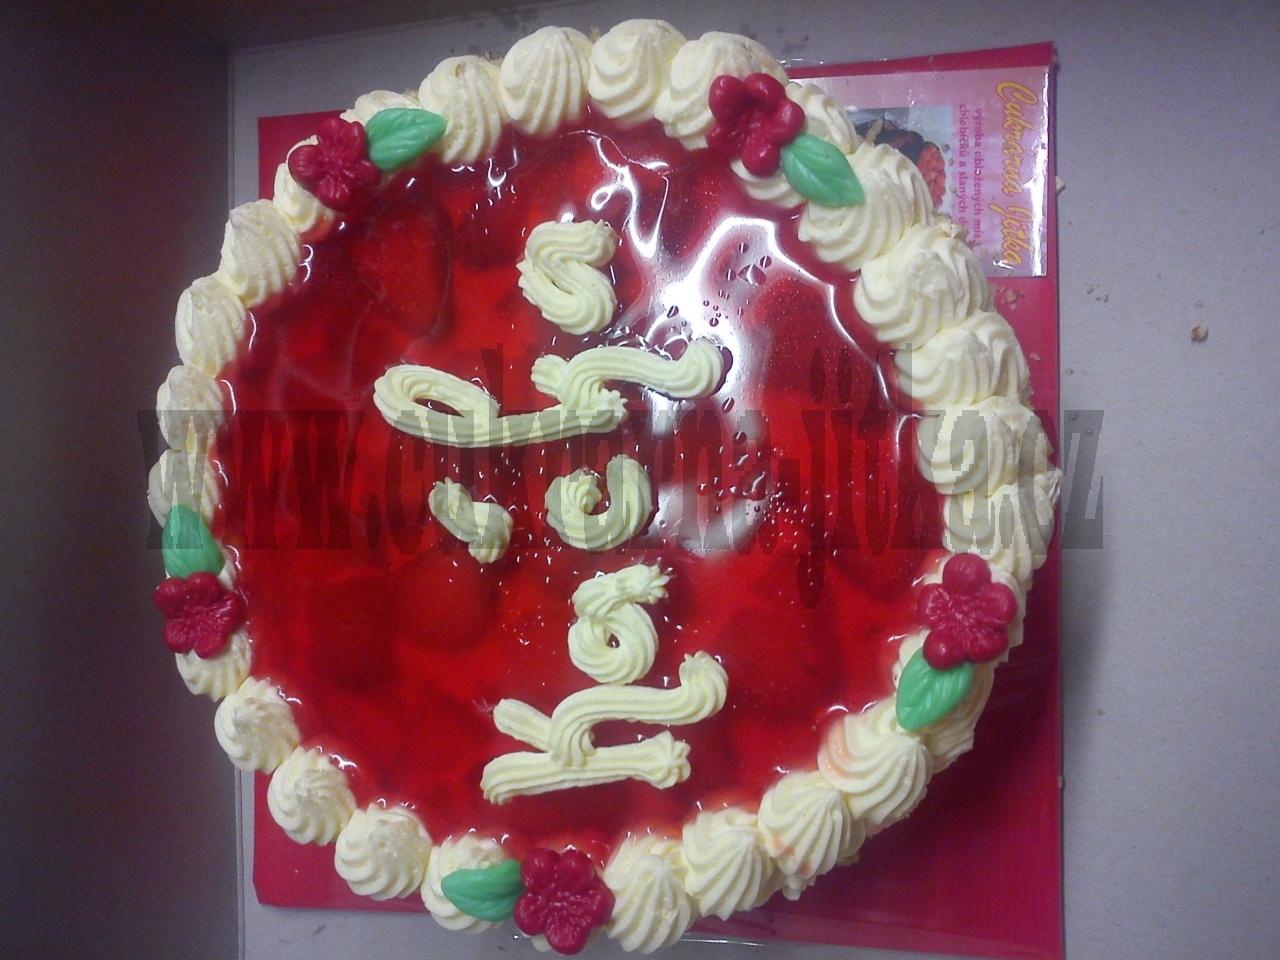 dort kulatý jahody ,želé